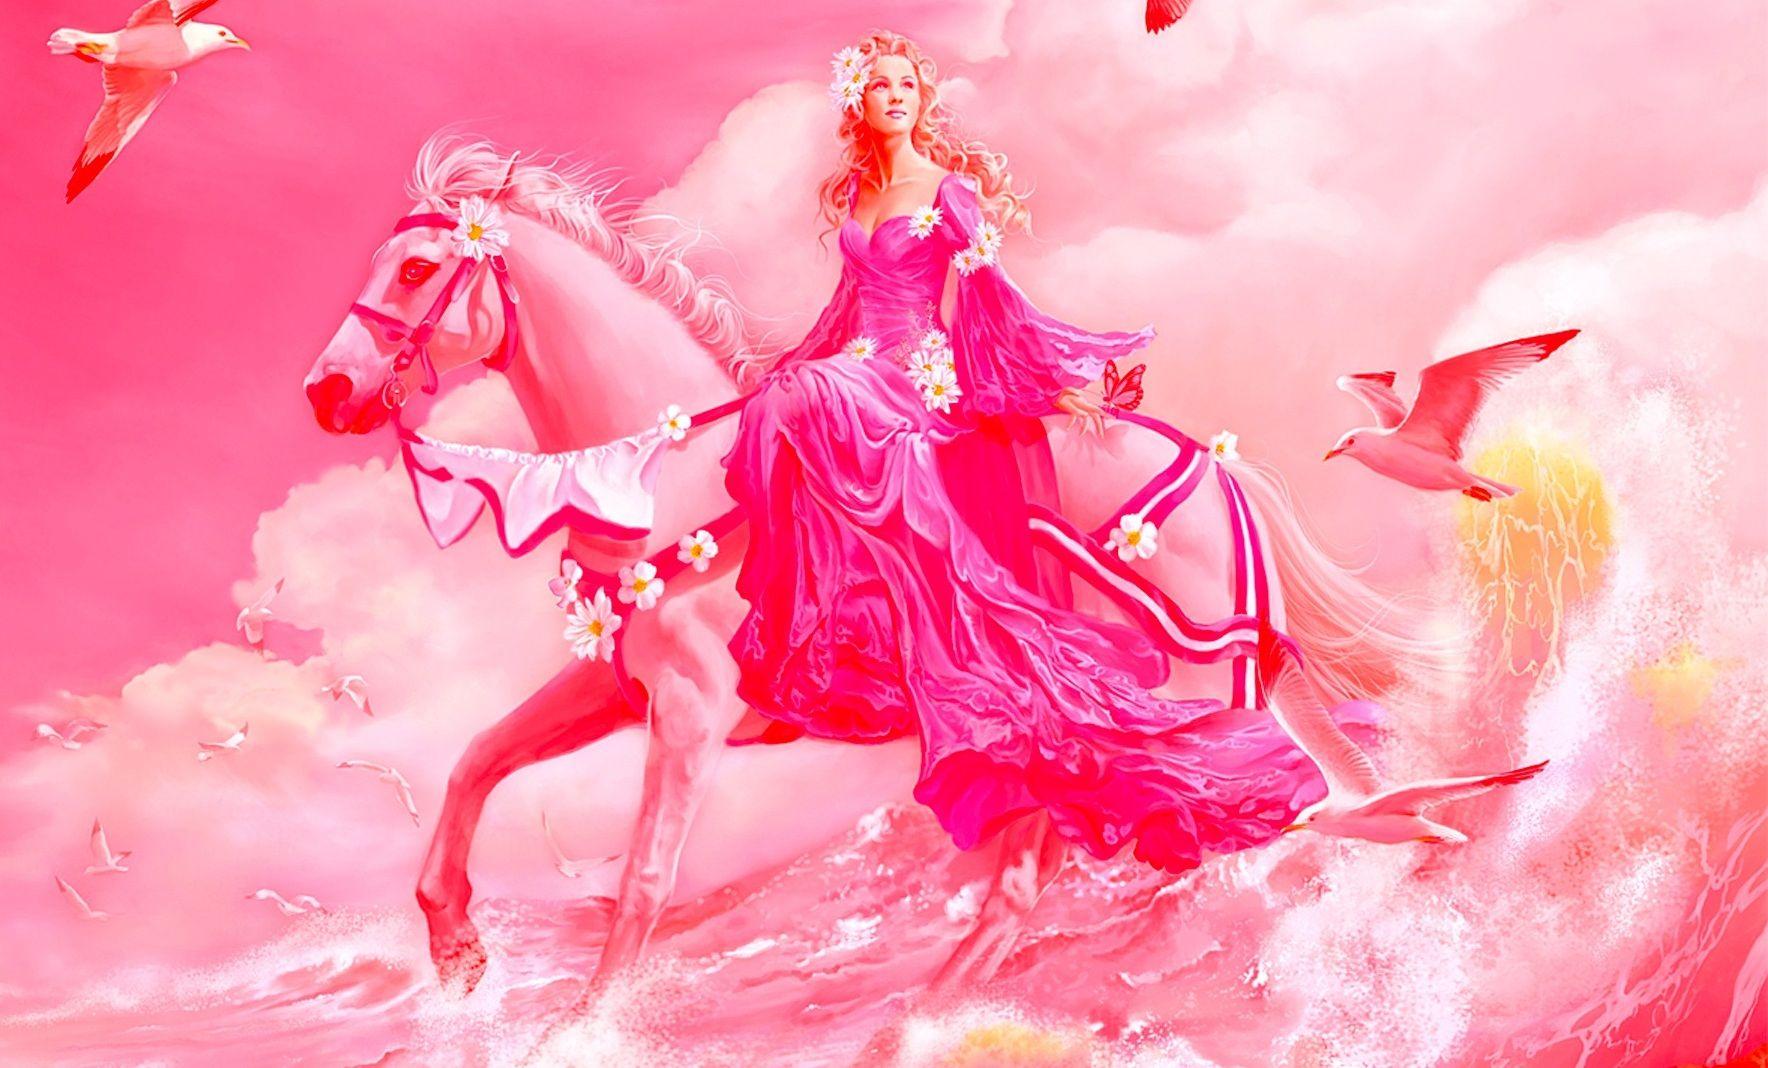 191 1919637 pink princess 3d abstract amazing beautiful birds girl